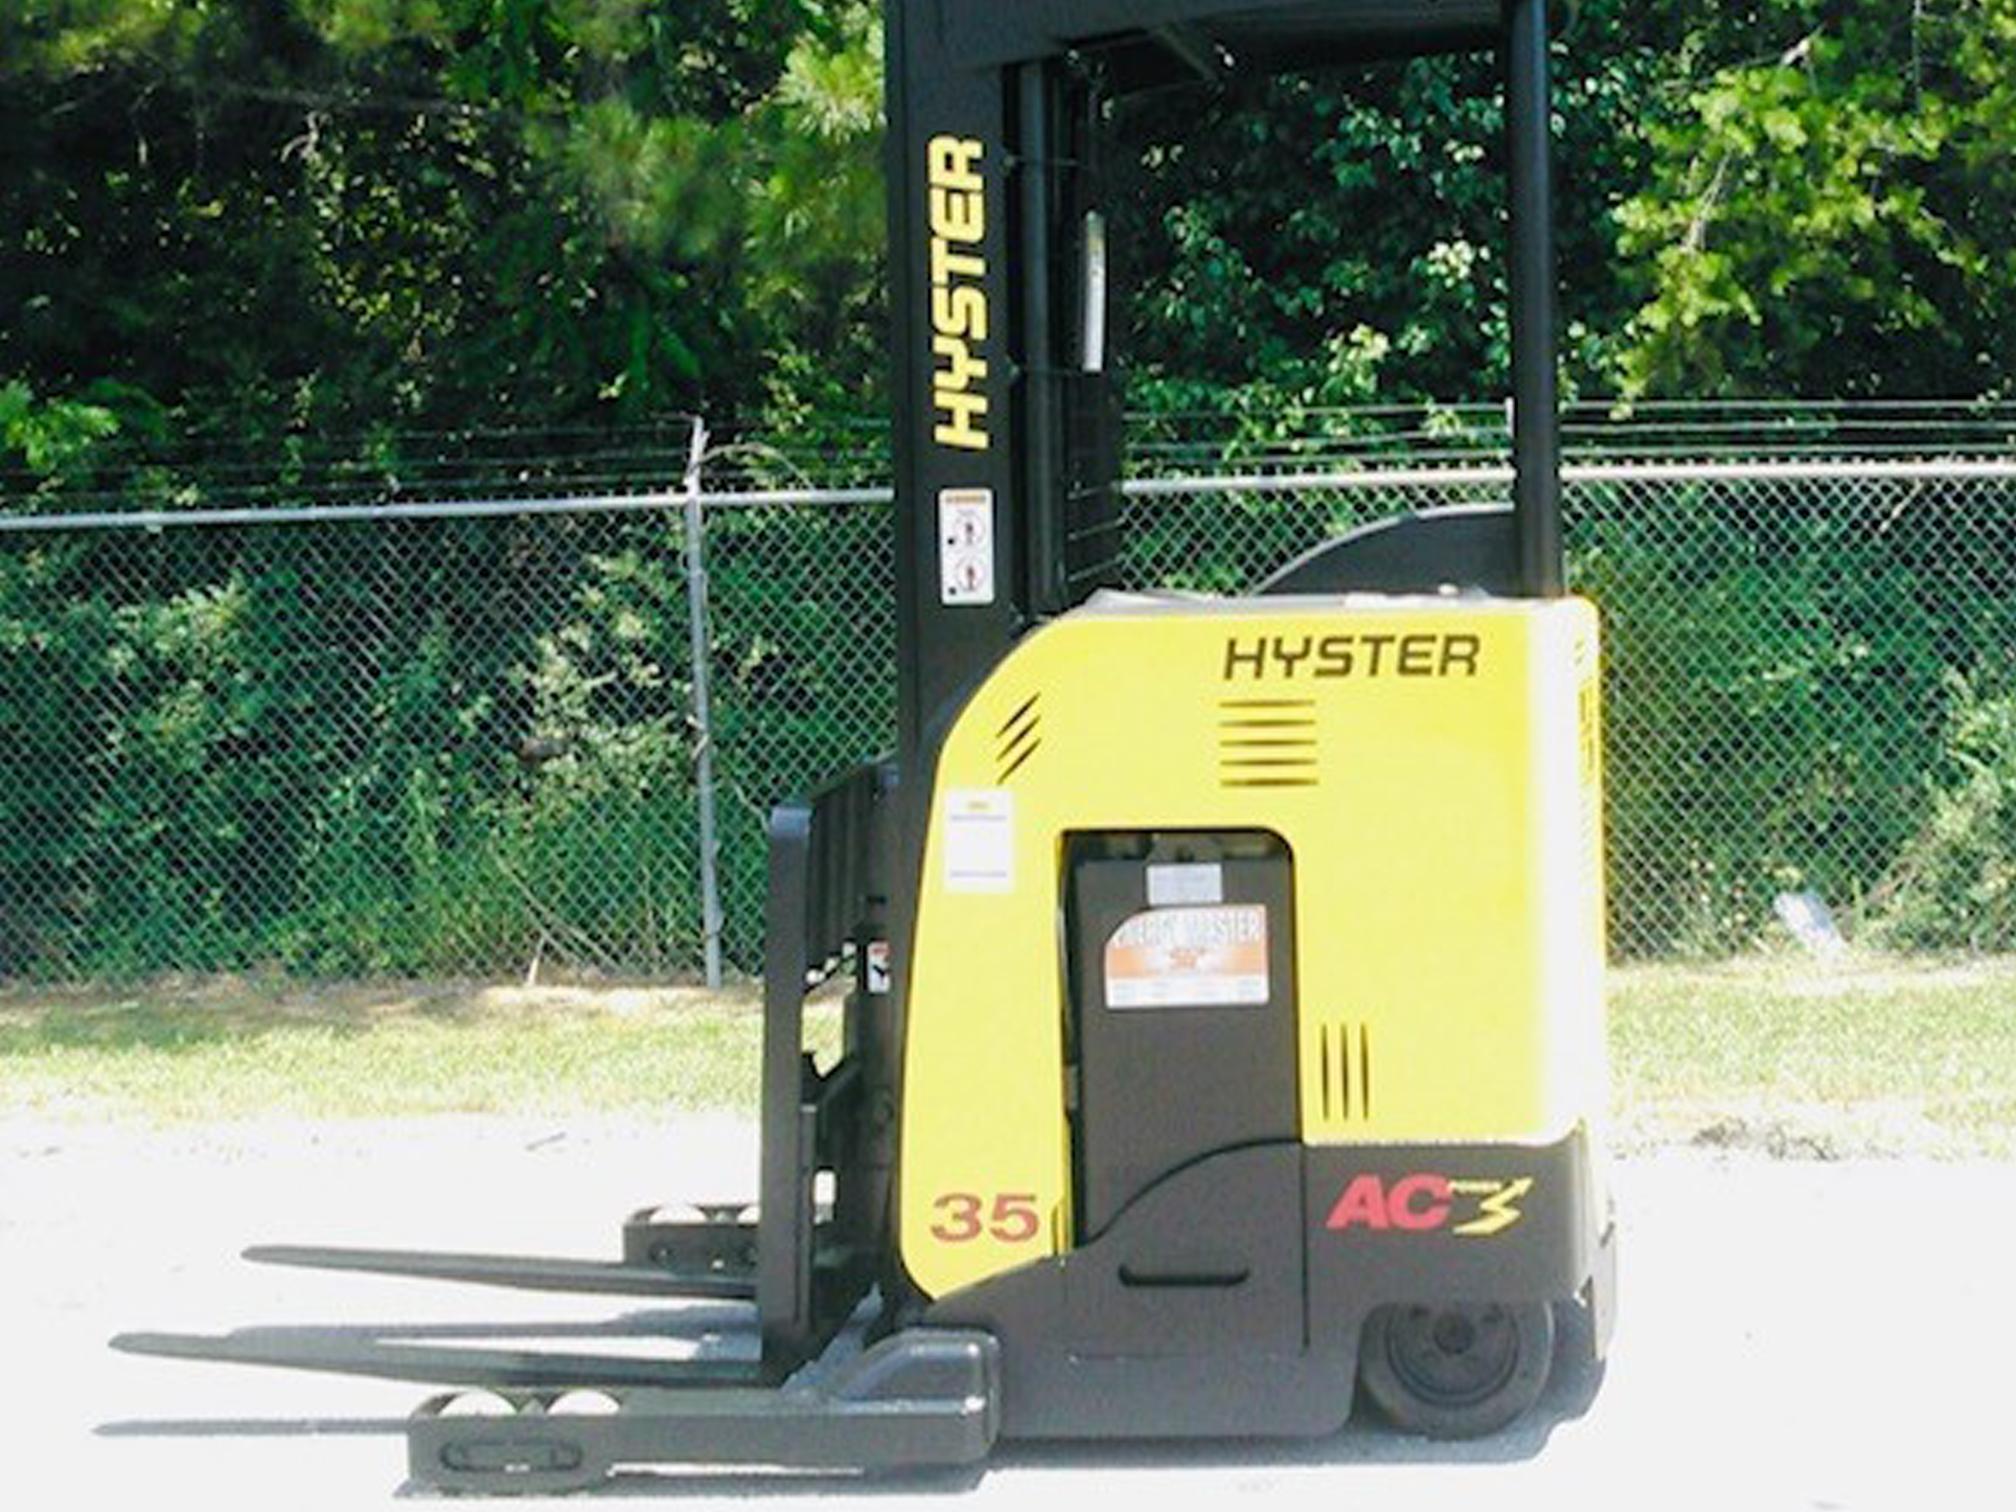 Hyster N35ZRS2 forklift full size